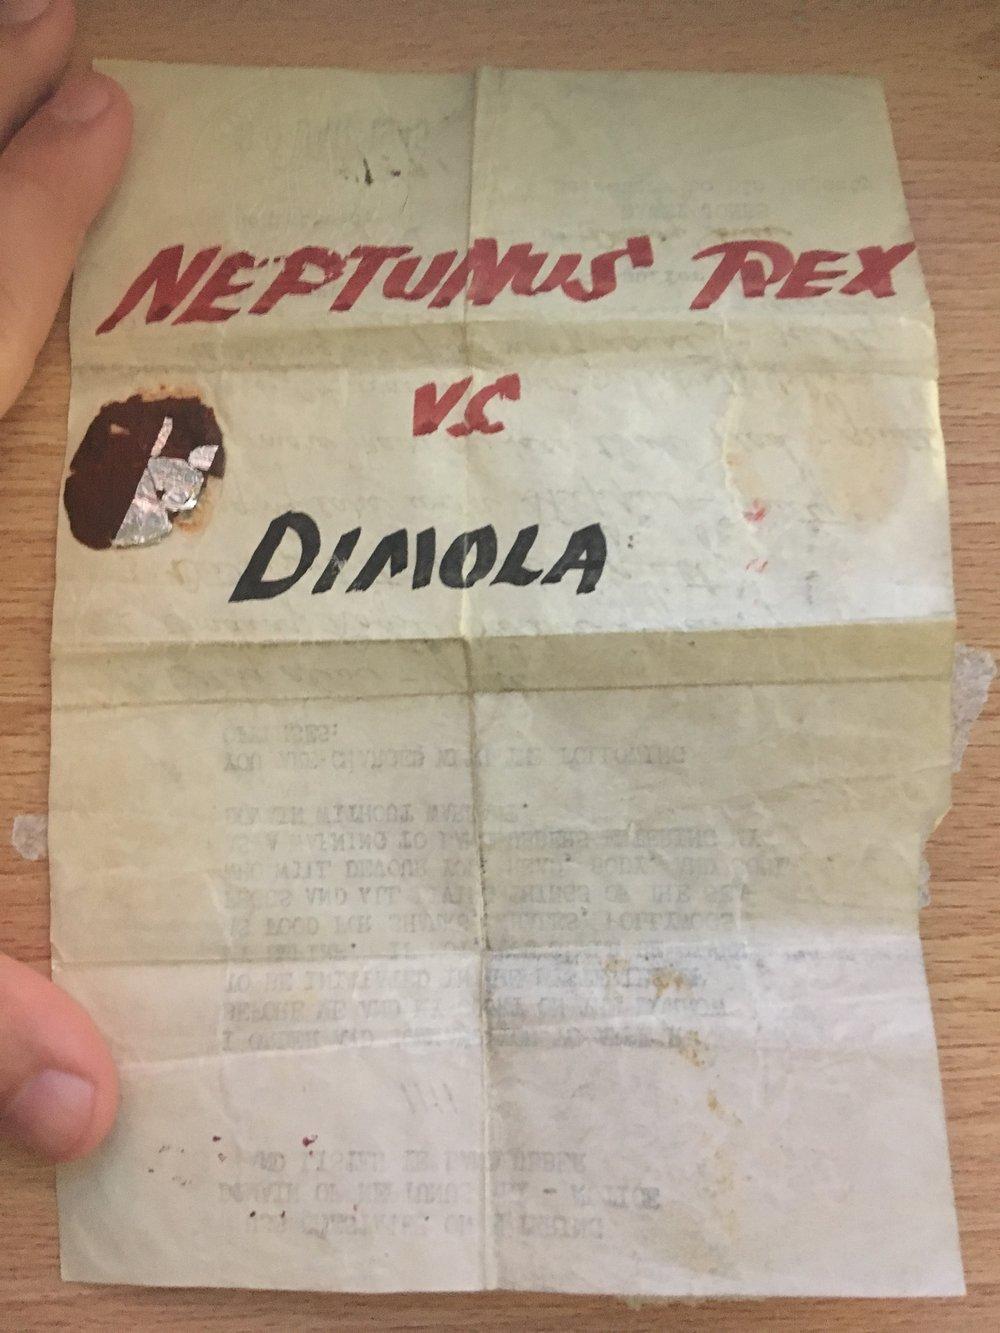 neptunus-rex-vs-dimola.JPG